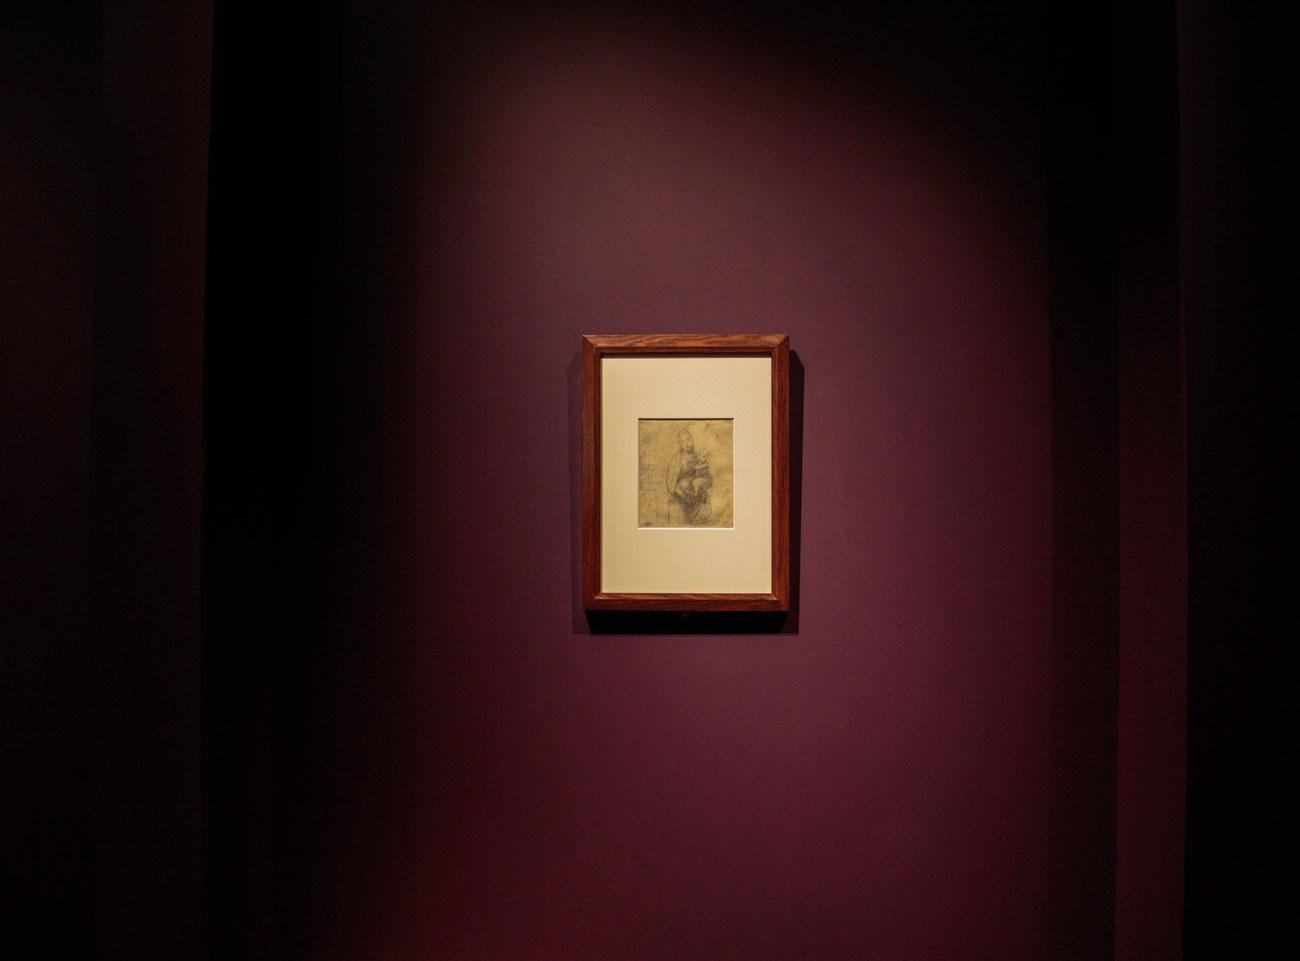 Il pubblico russo avrà l'eccezionale possibilità di ammirare capolavori iconici come la Madonna del Granduca, l'Autoritratto conservato nella Galleria degli Uffizi e la Testa di Angelo, realizzato da Raffaello quando aveva solamente 17 anni